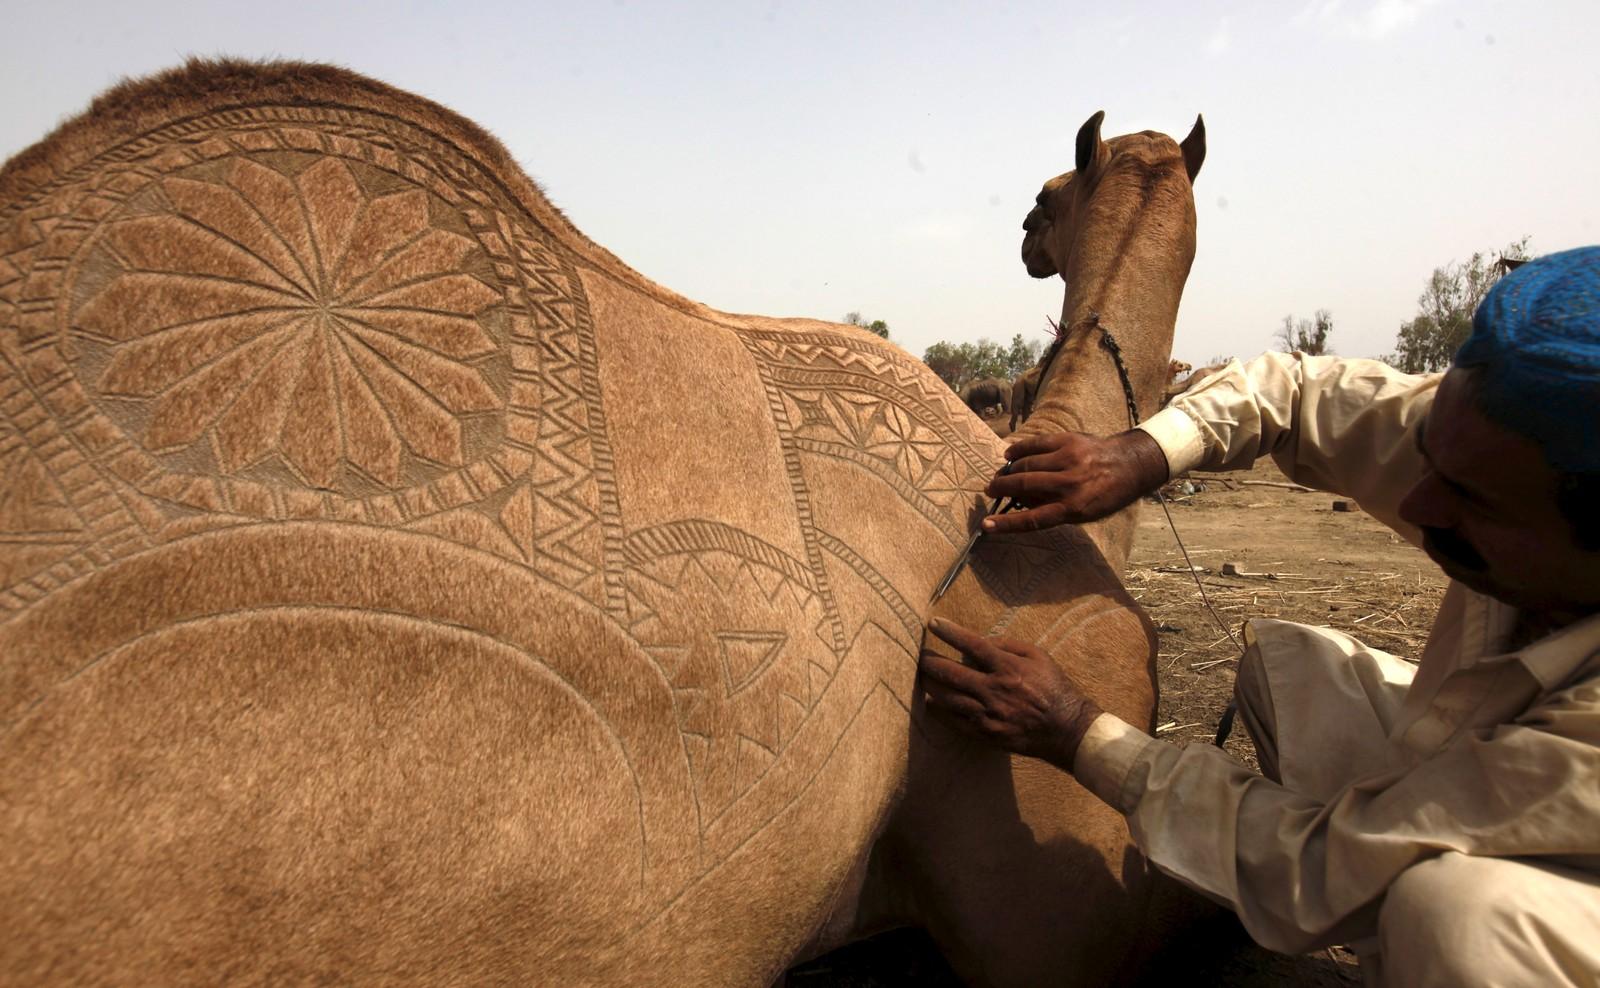 Denne kamelen gjøres klar til offer som en del av Eid-feiringa i Pakistan.